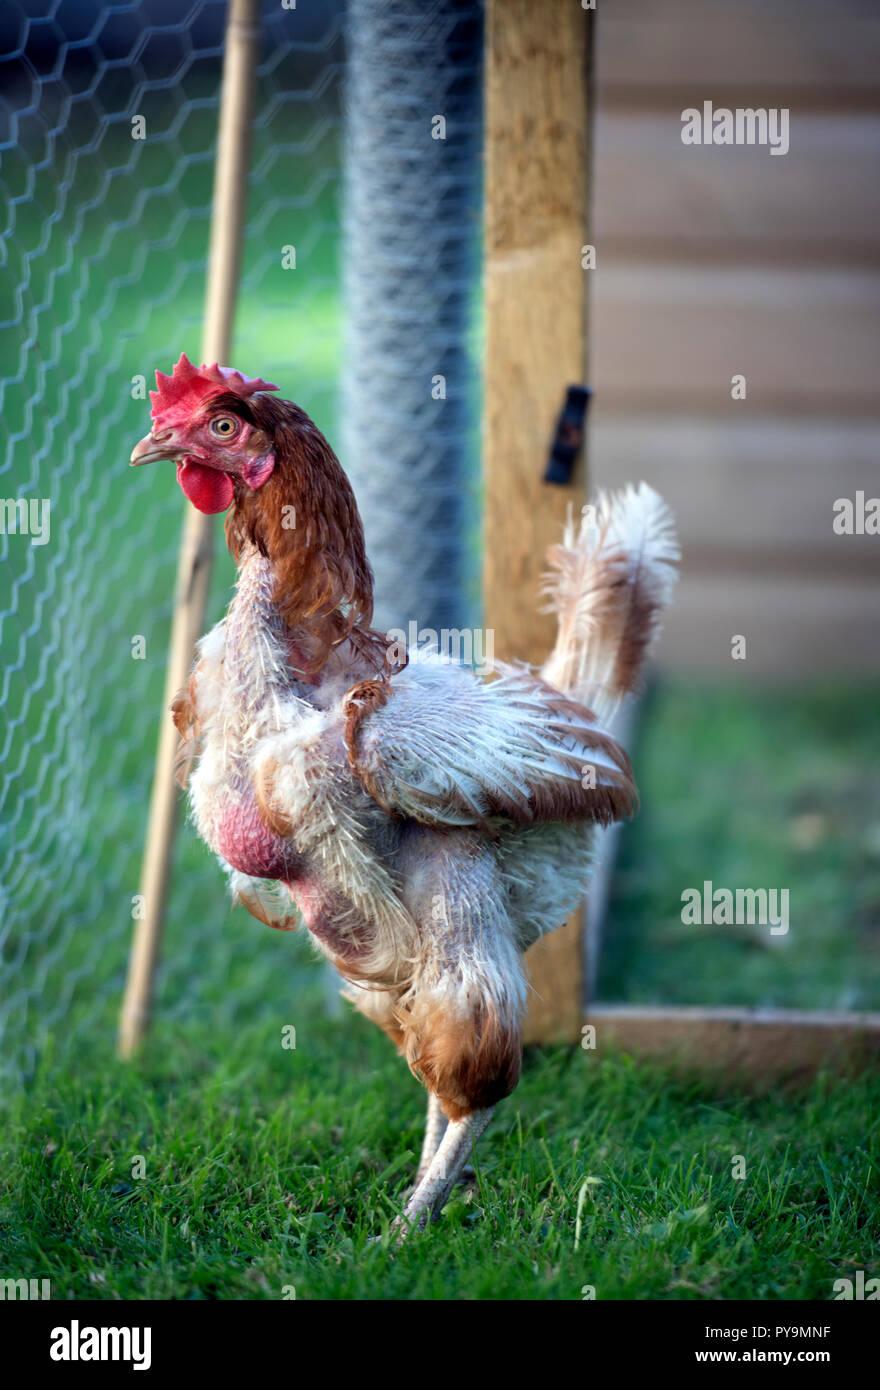 Hühner datieren kommerziell Datierung eines Arztes Bewohner